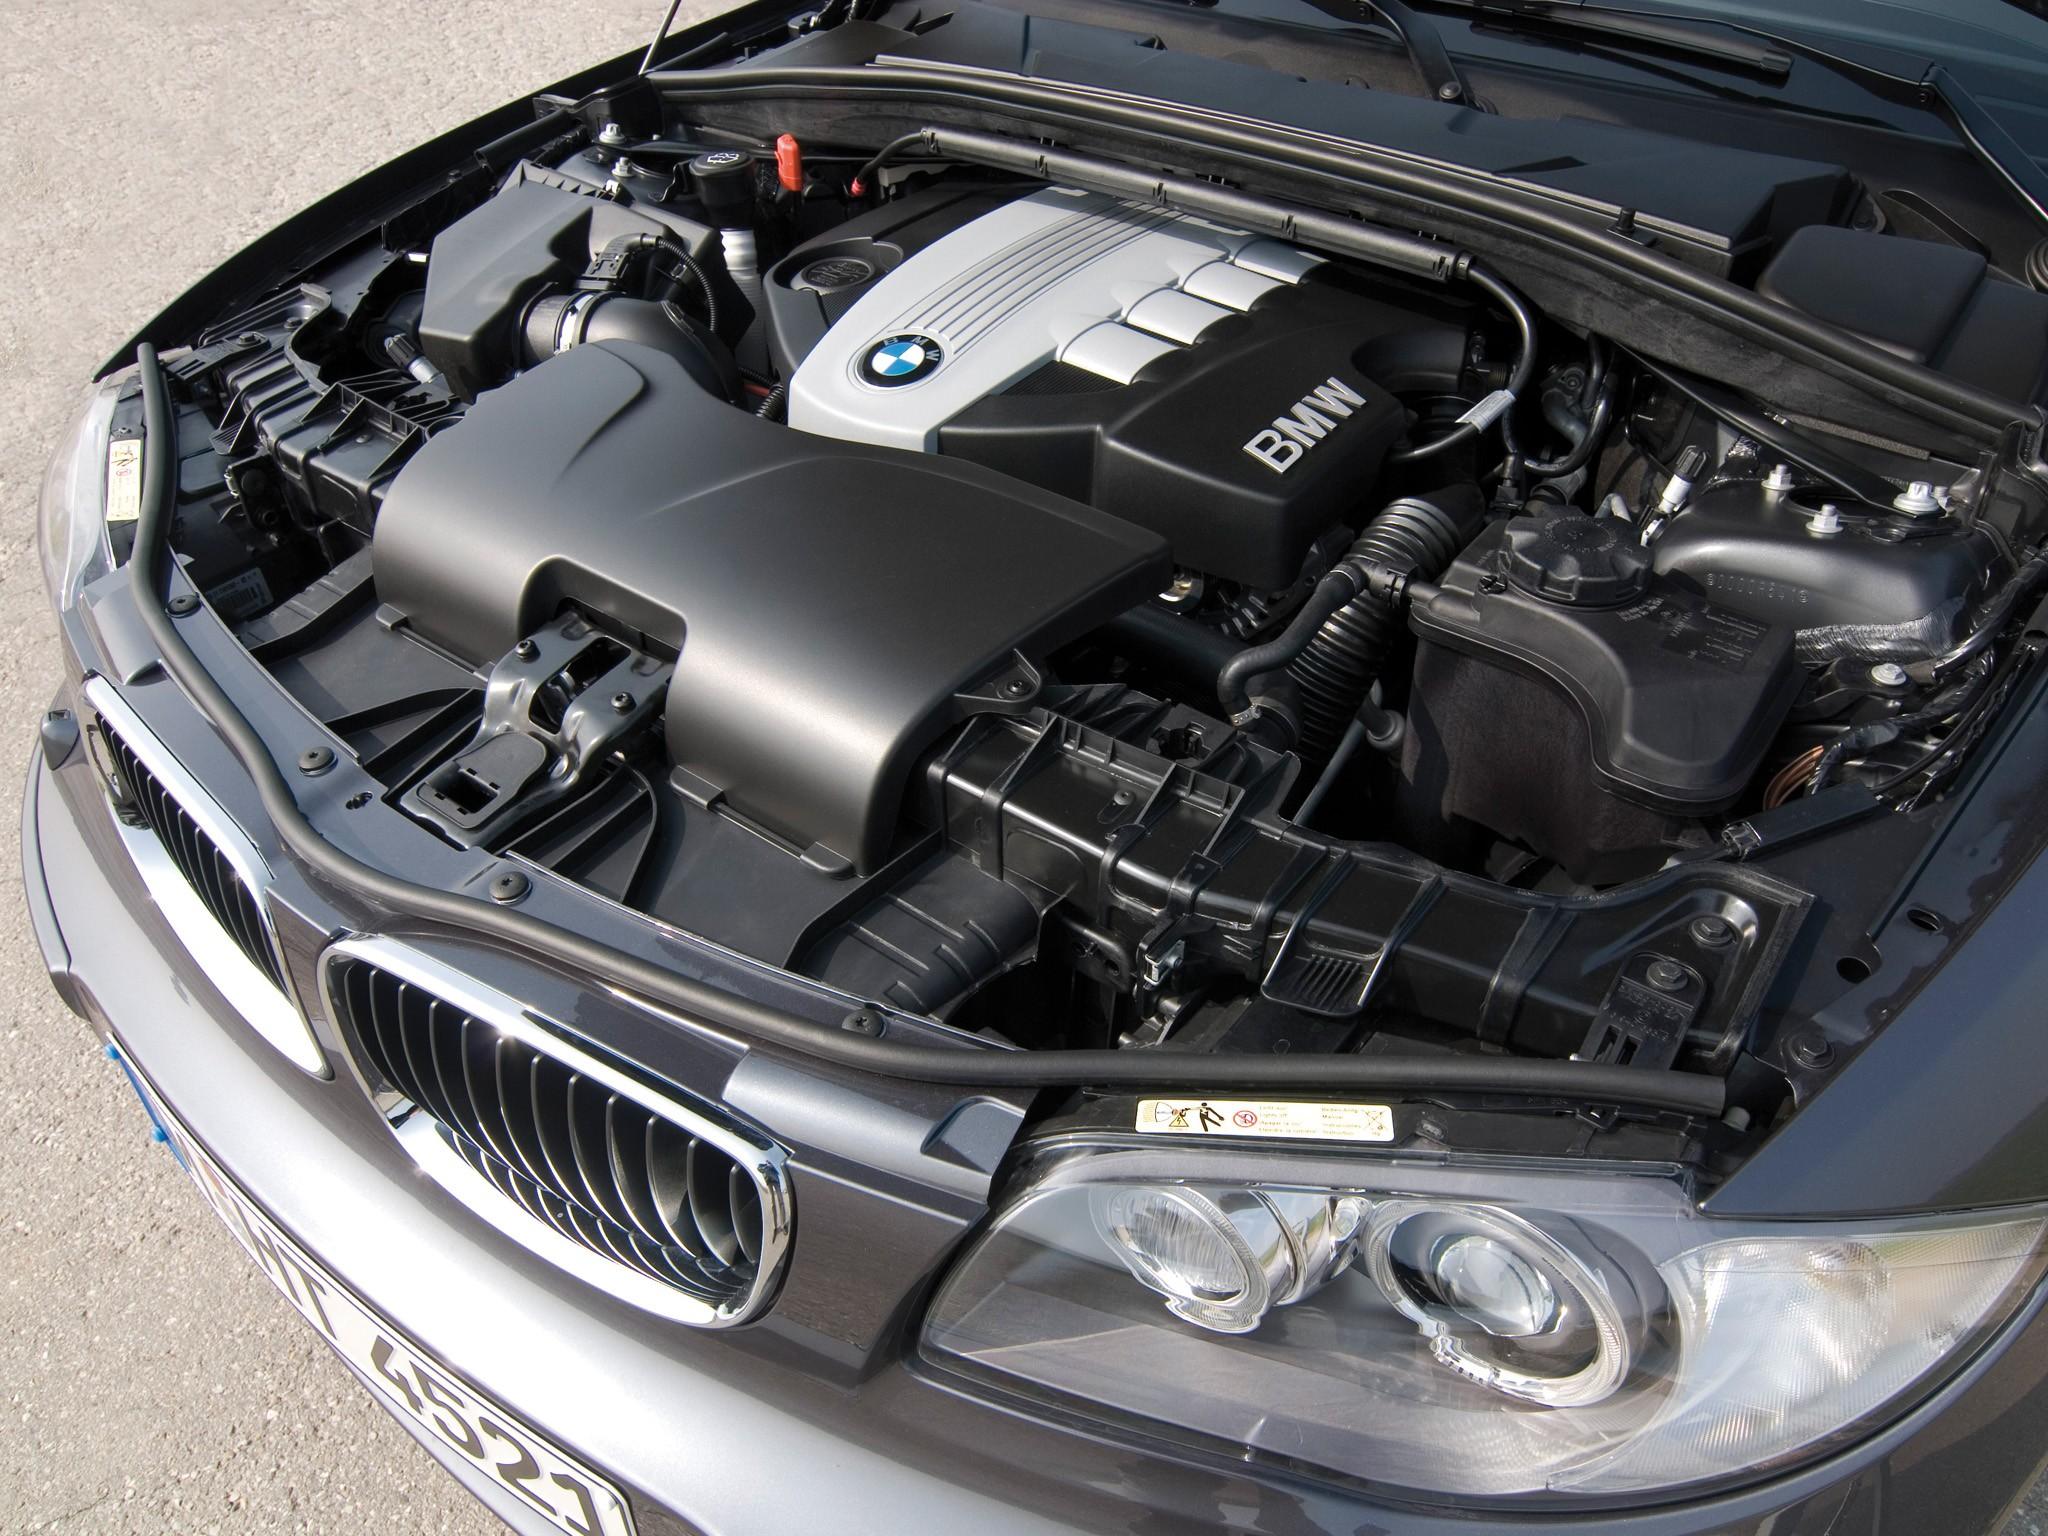 Замена топливного фильтра на дизельном BMW 1-Series Е87